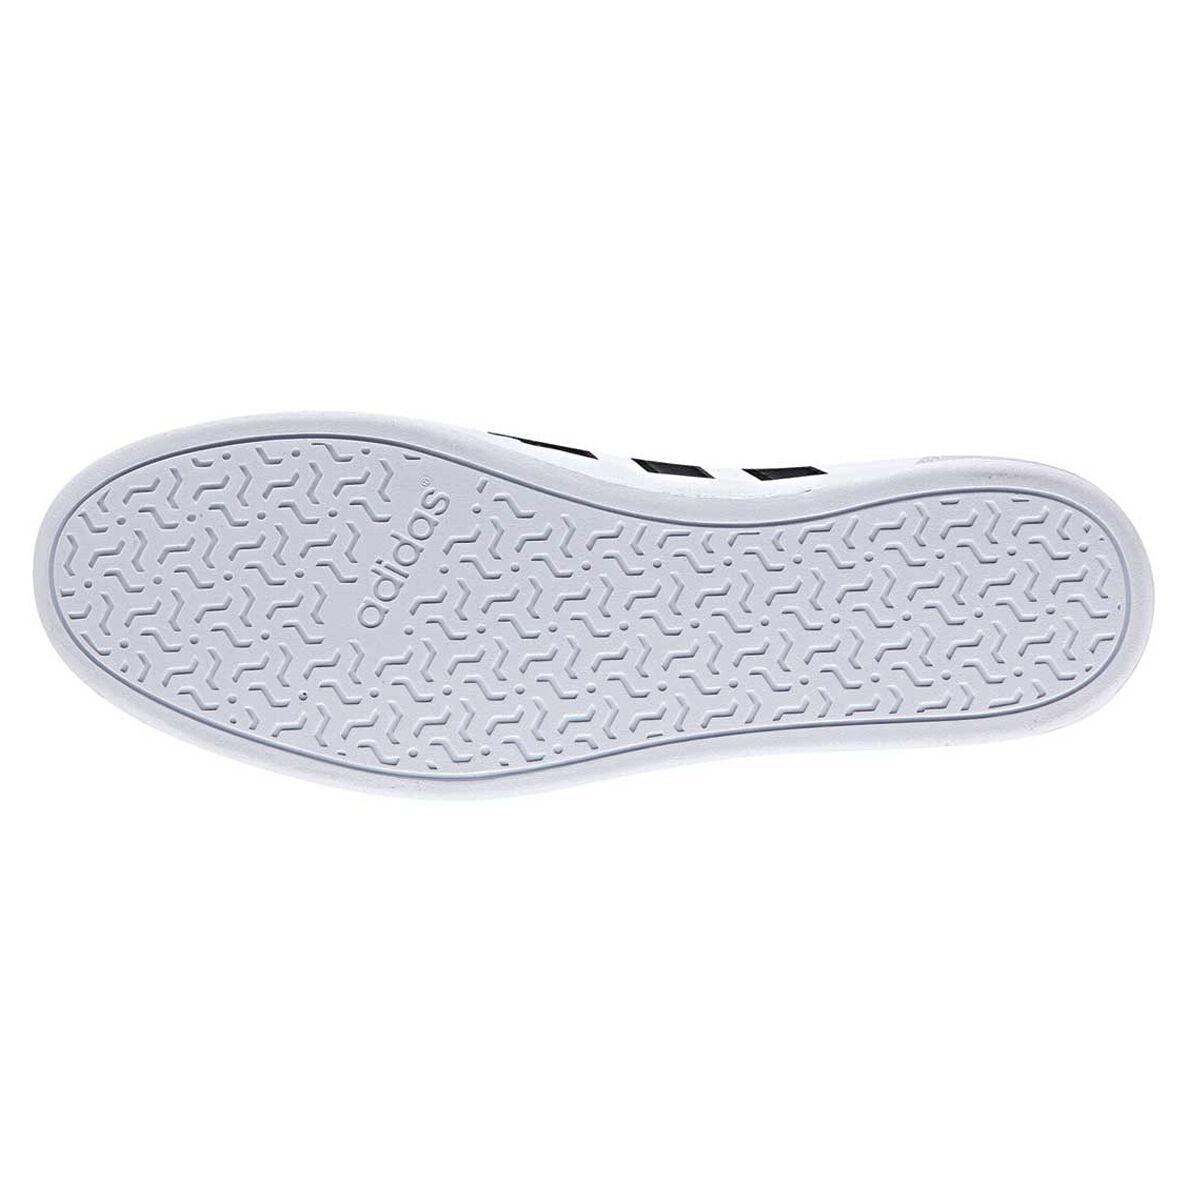 Adidas caflaire uomini scarpe bianco / nero occasionale noi 7 rebel sport